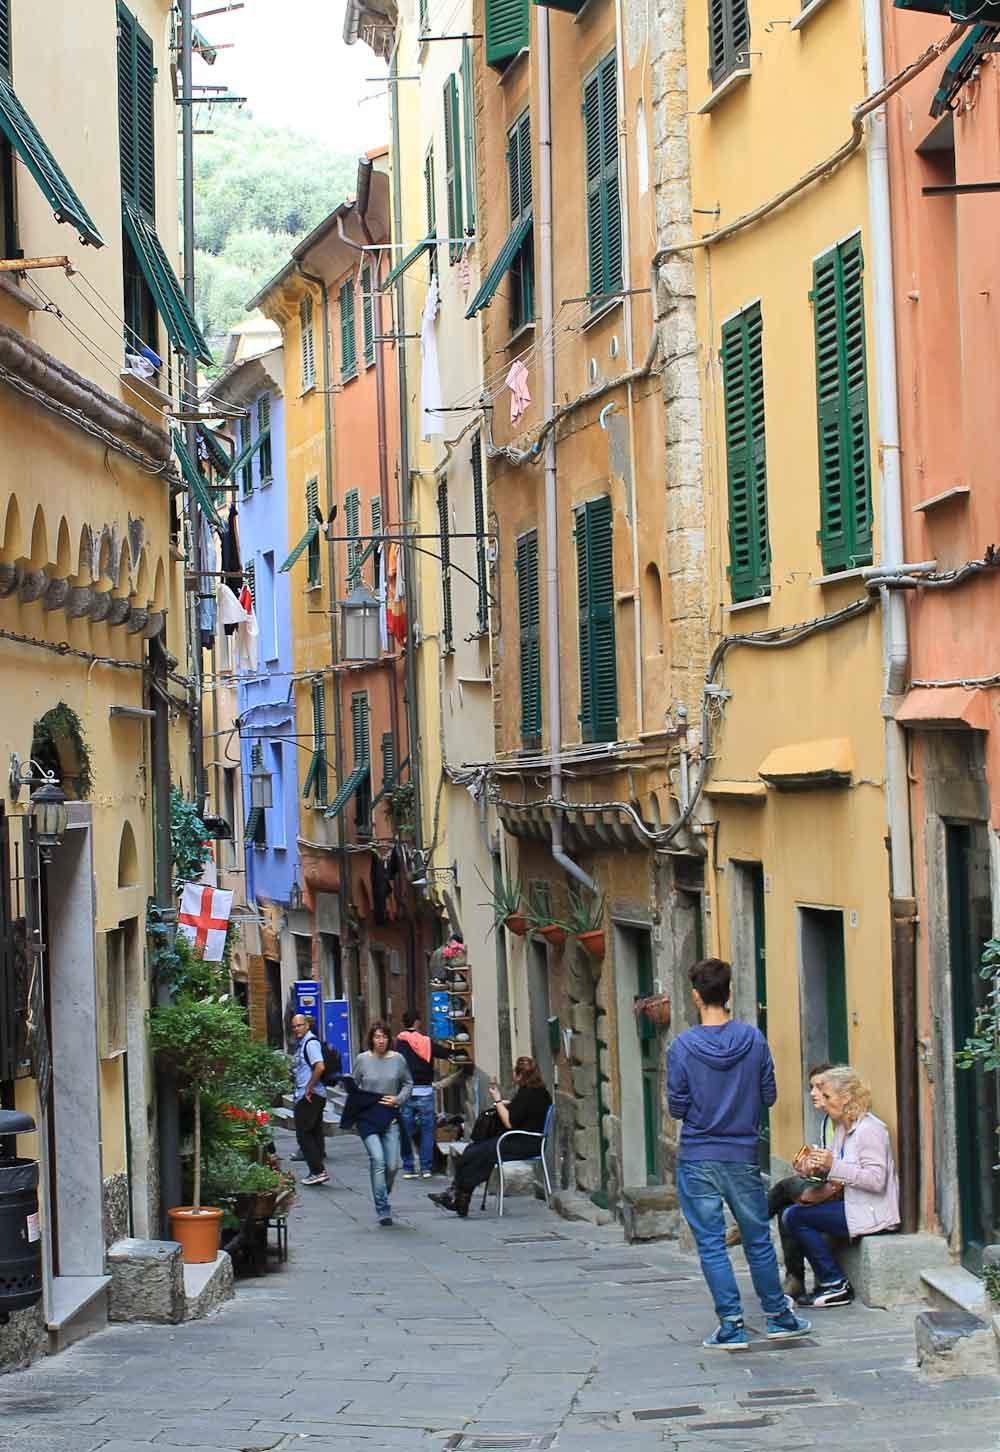 Caruggi Porto Venere - Italian Notes